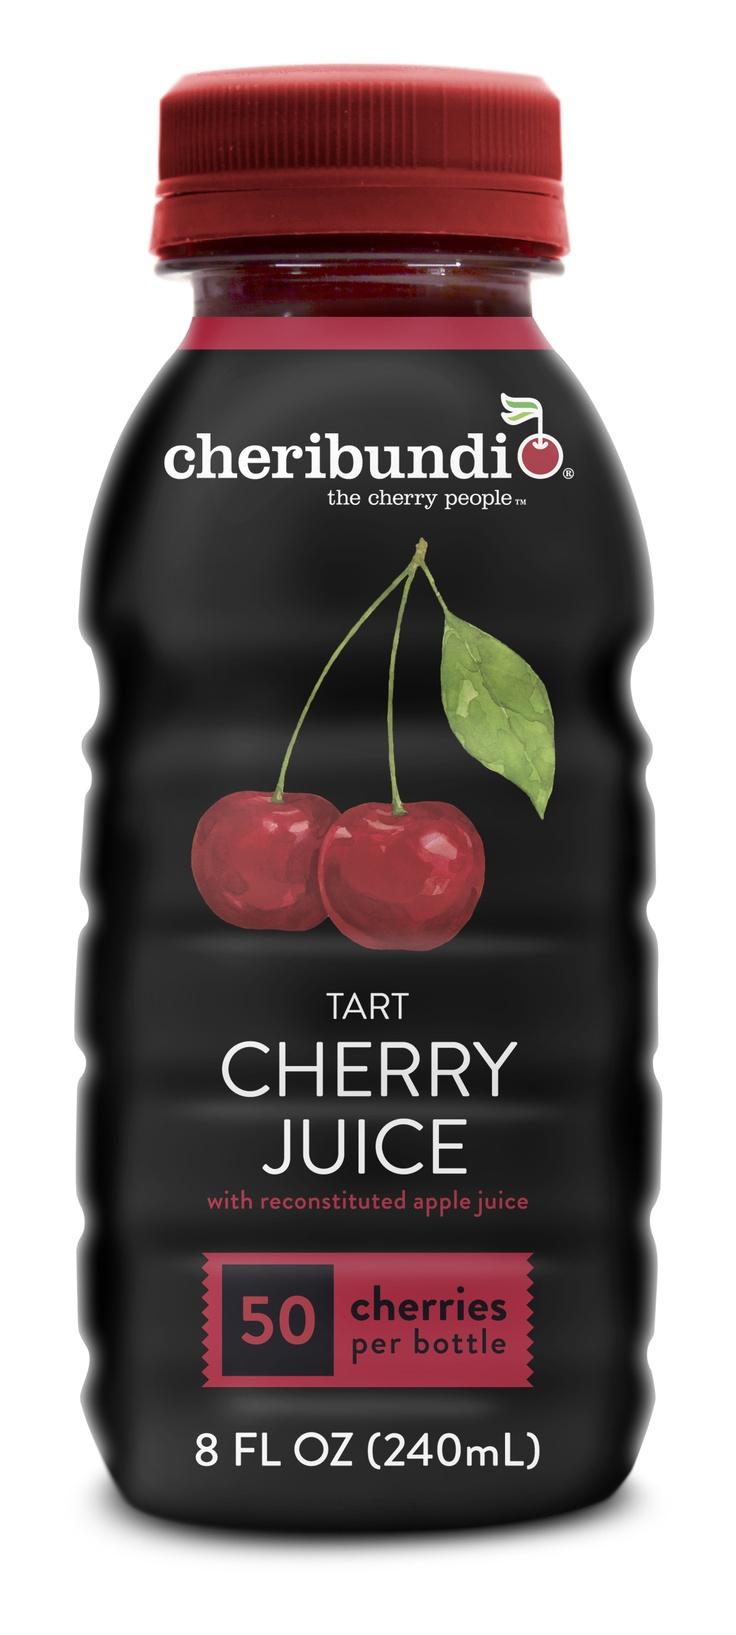 Cheribundi Tart Cherry Juice Light With 40 Cherries Per Bottle And Just 80 Calories